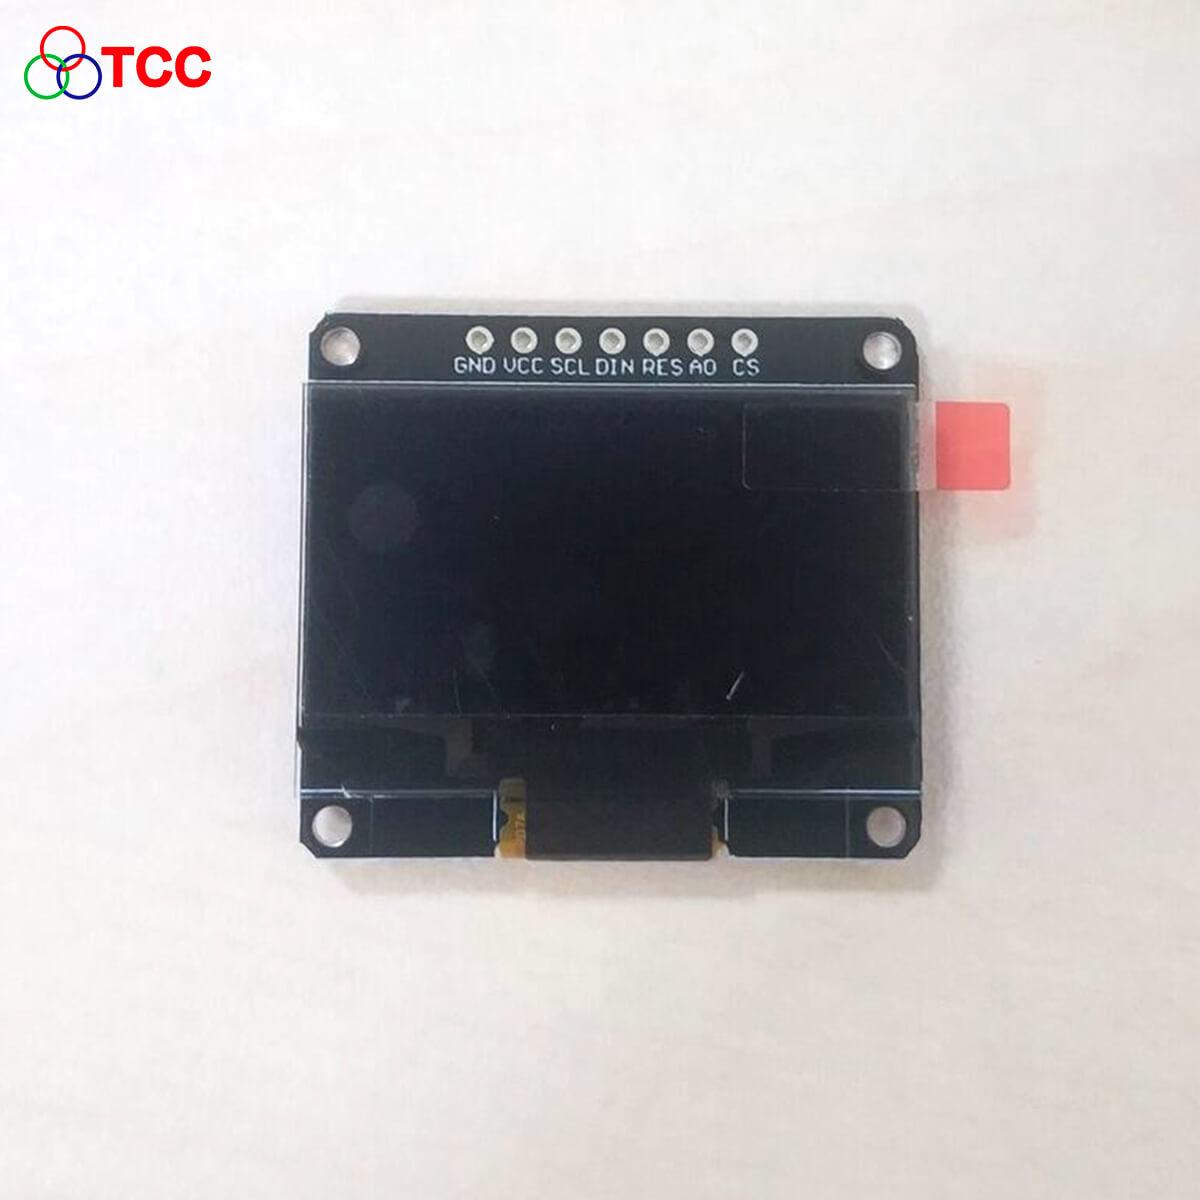 1.3寸OLED厂家-三元晶科技提供有口碑的12864液晶屏